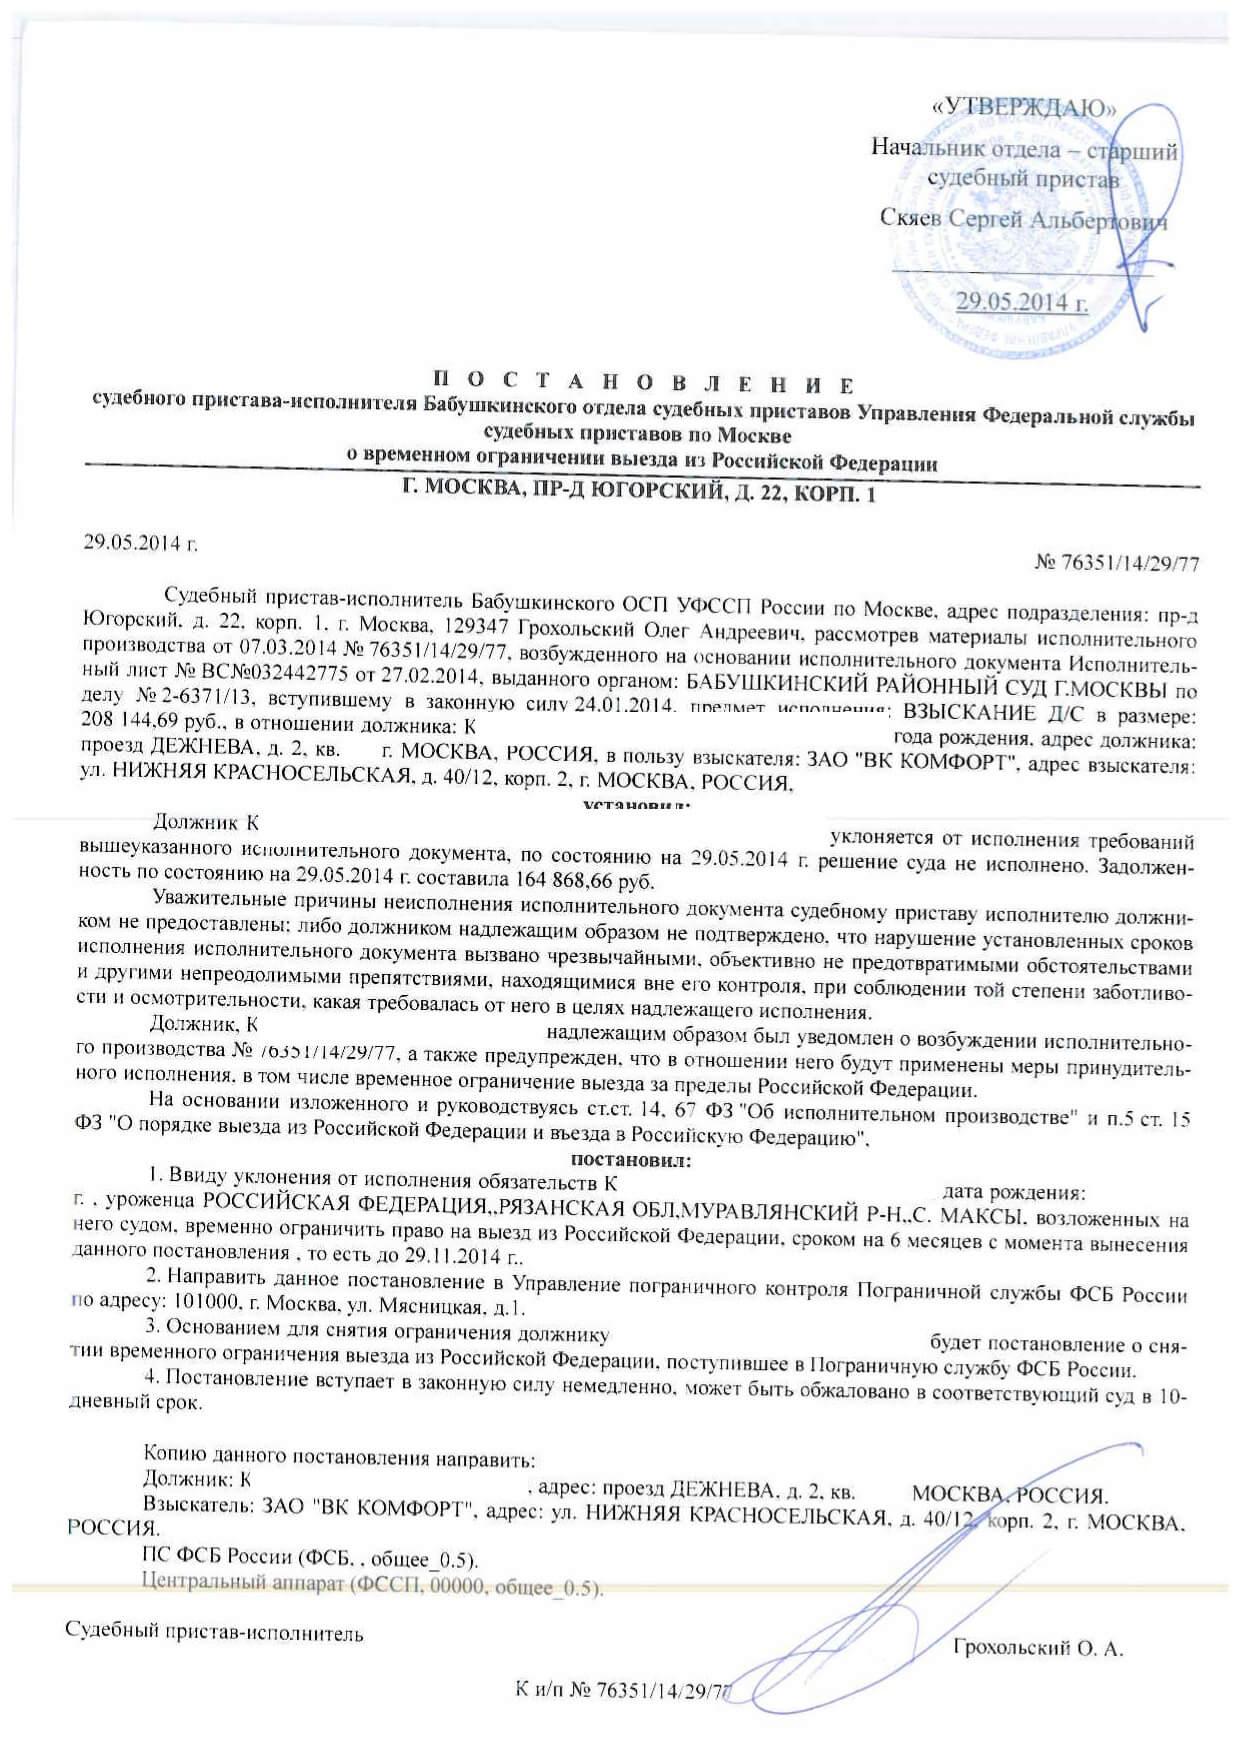 несколько Уведомление должника о немедленном исполнении определения арбитражного суда г москвы спросил